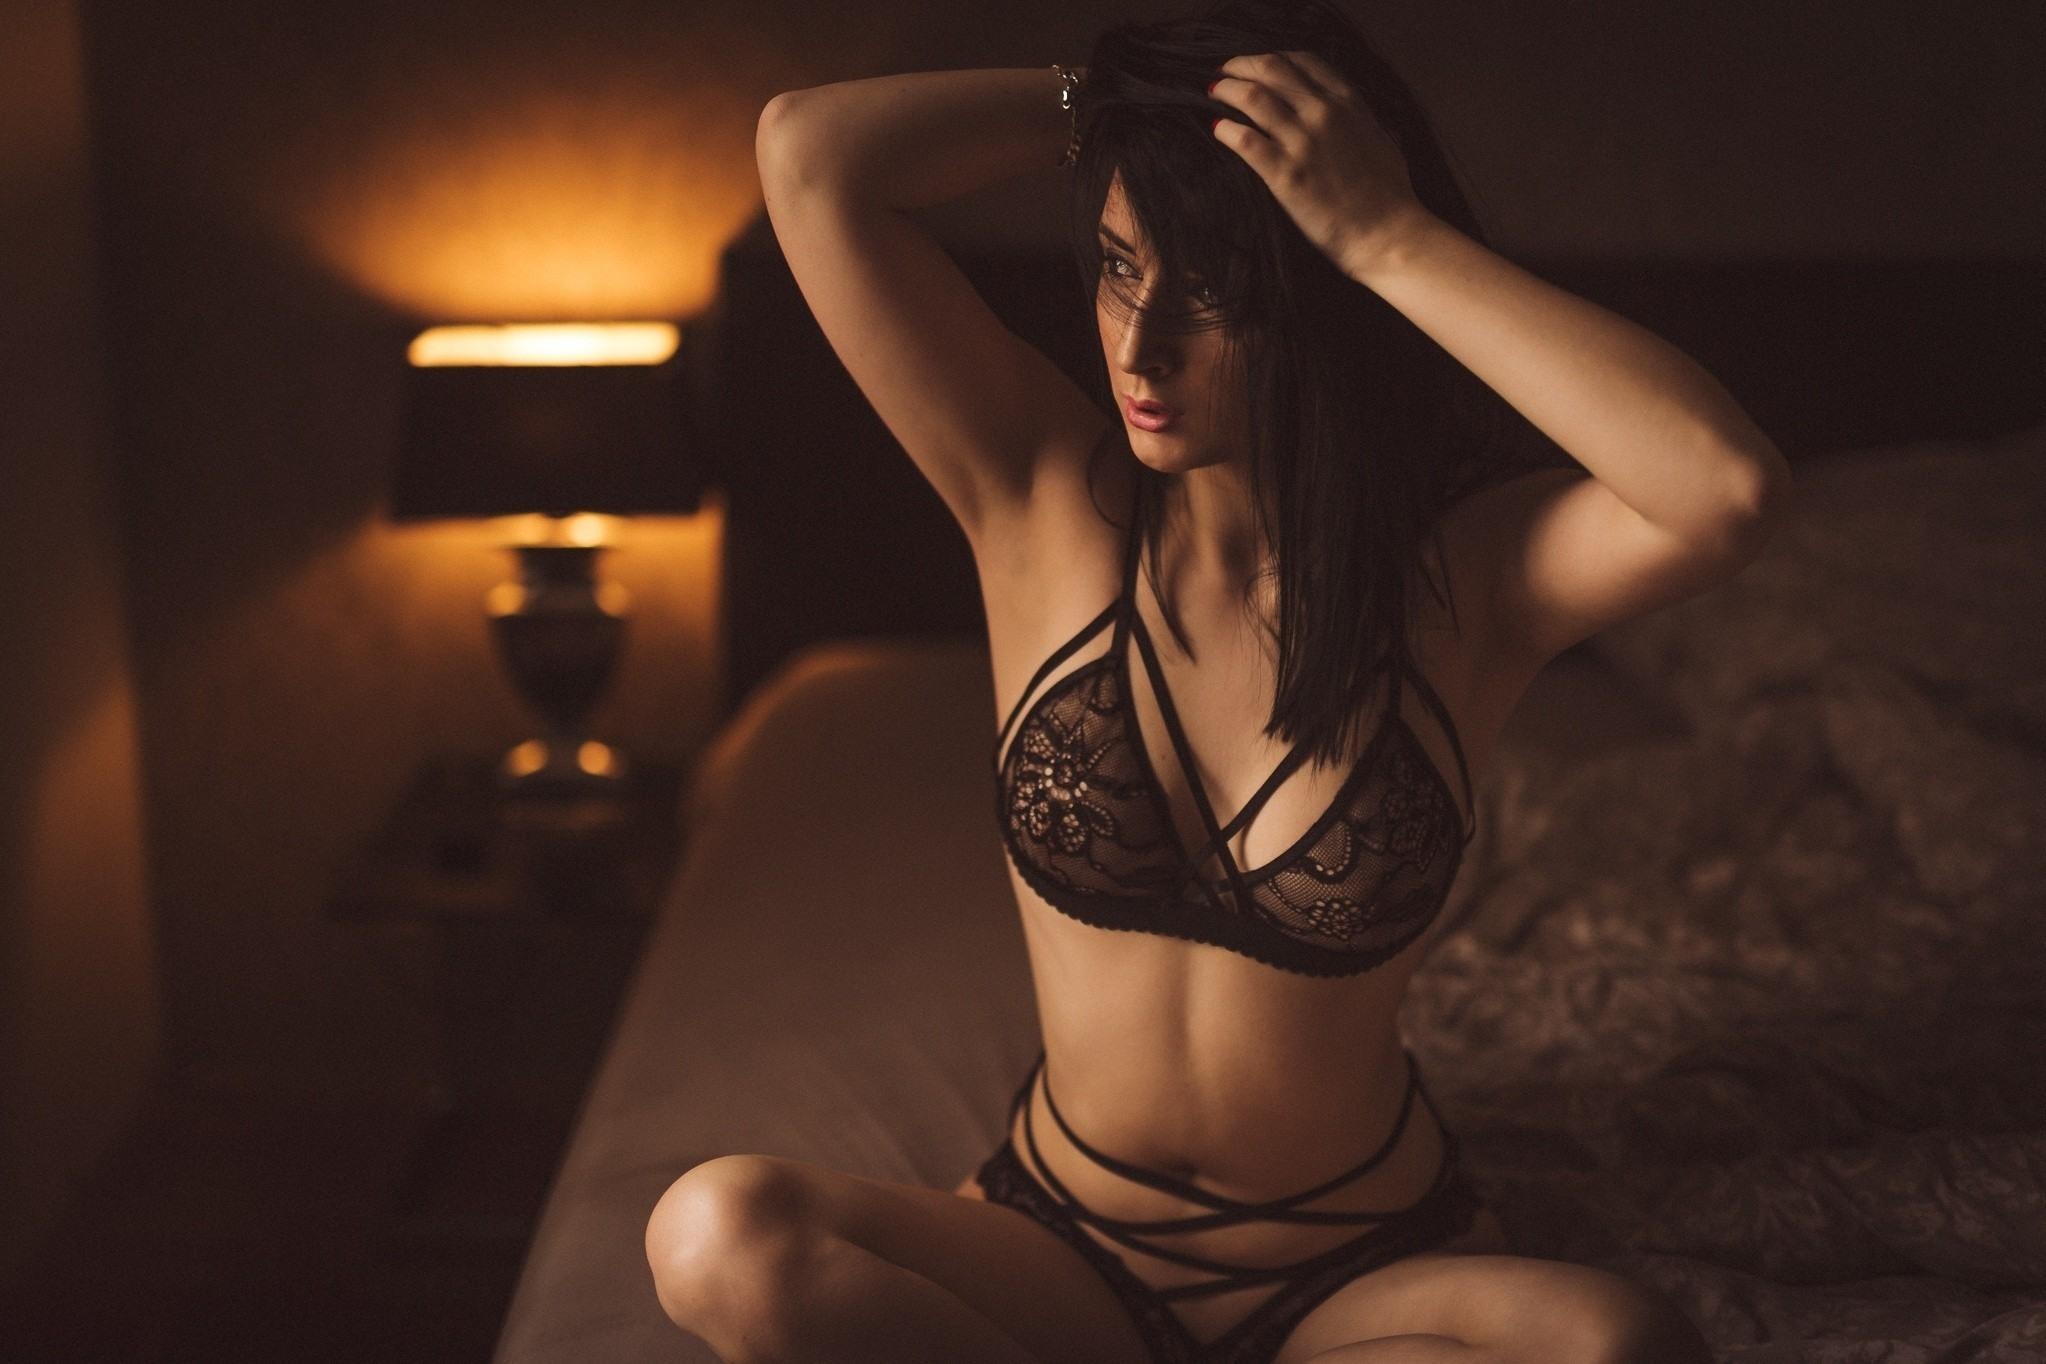 Фото Брюнетка, черный прозрачный лифчик, спальня, вечер, скачать картинку бесплатно